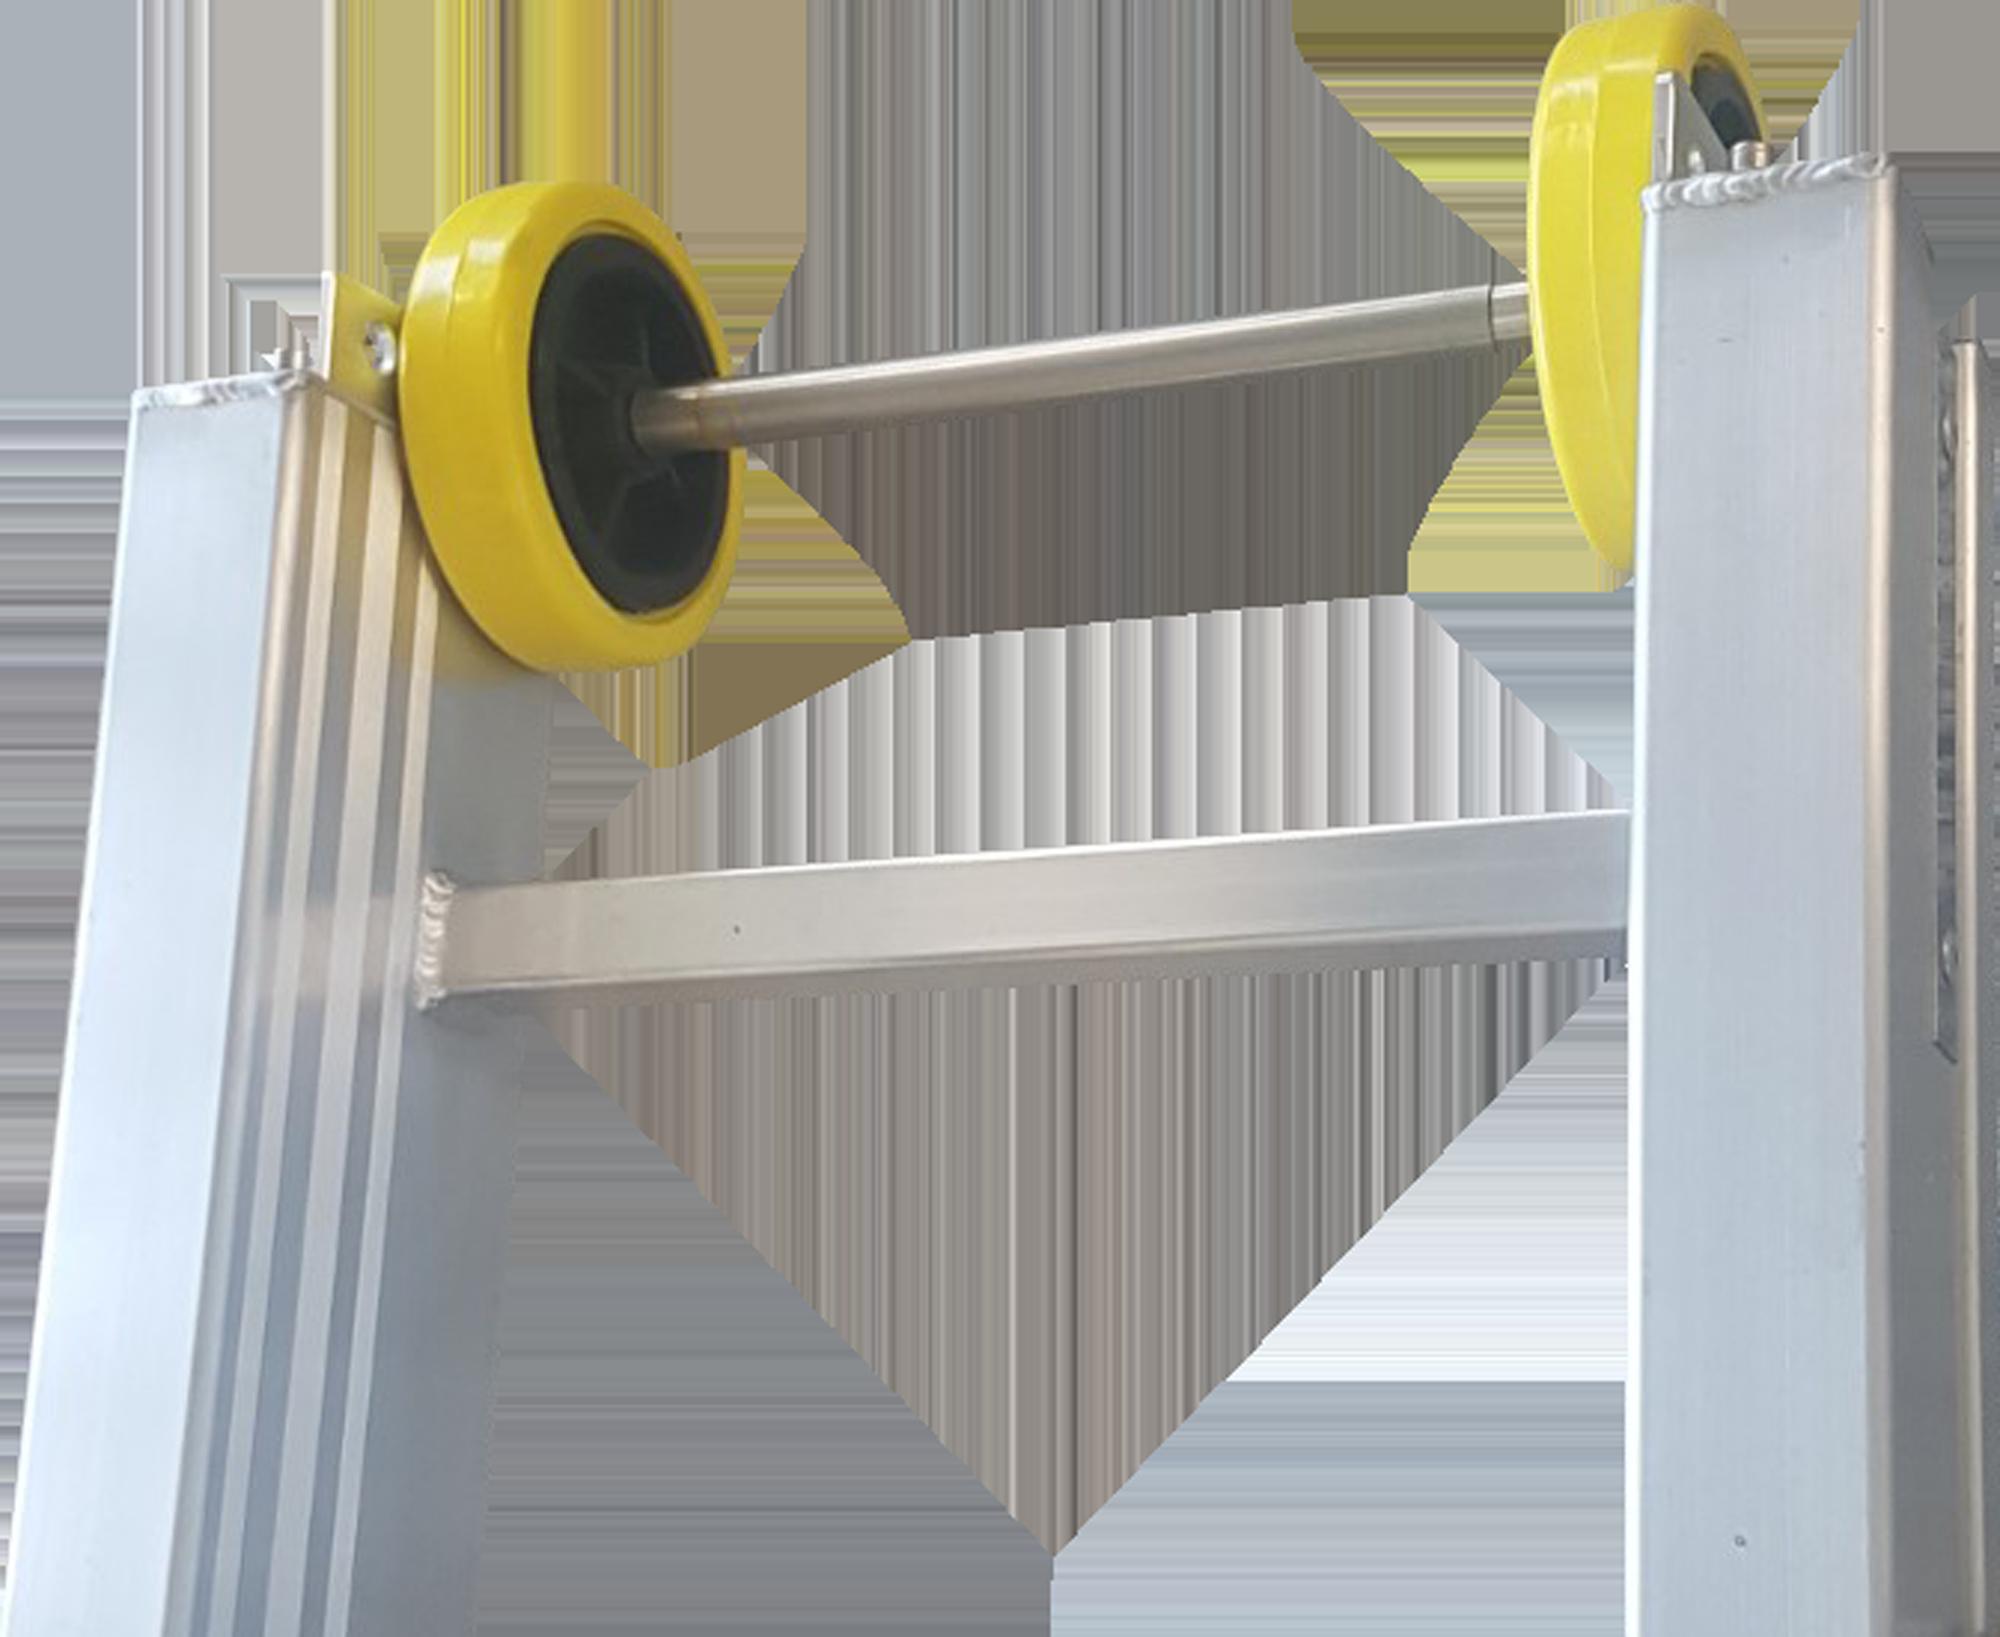 stenové kolieska pre hasičský rebrík FO-700